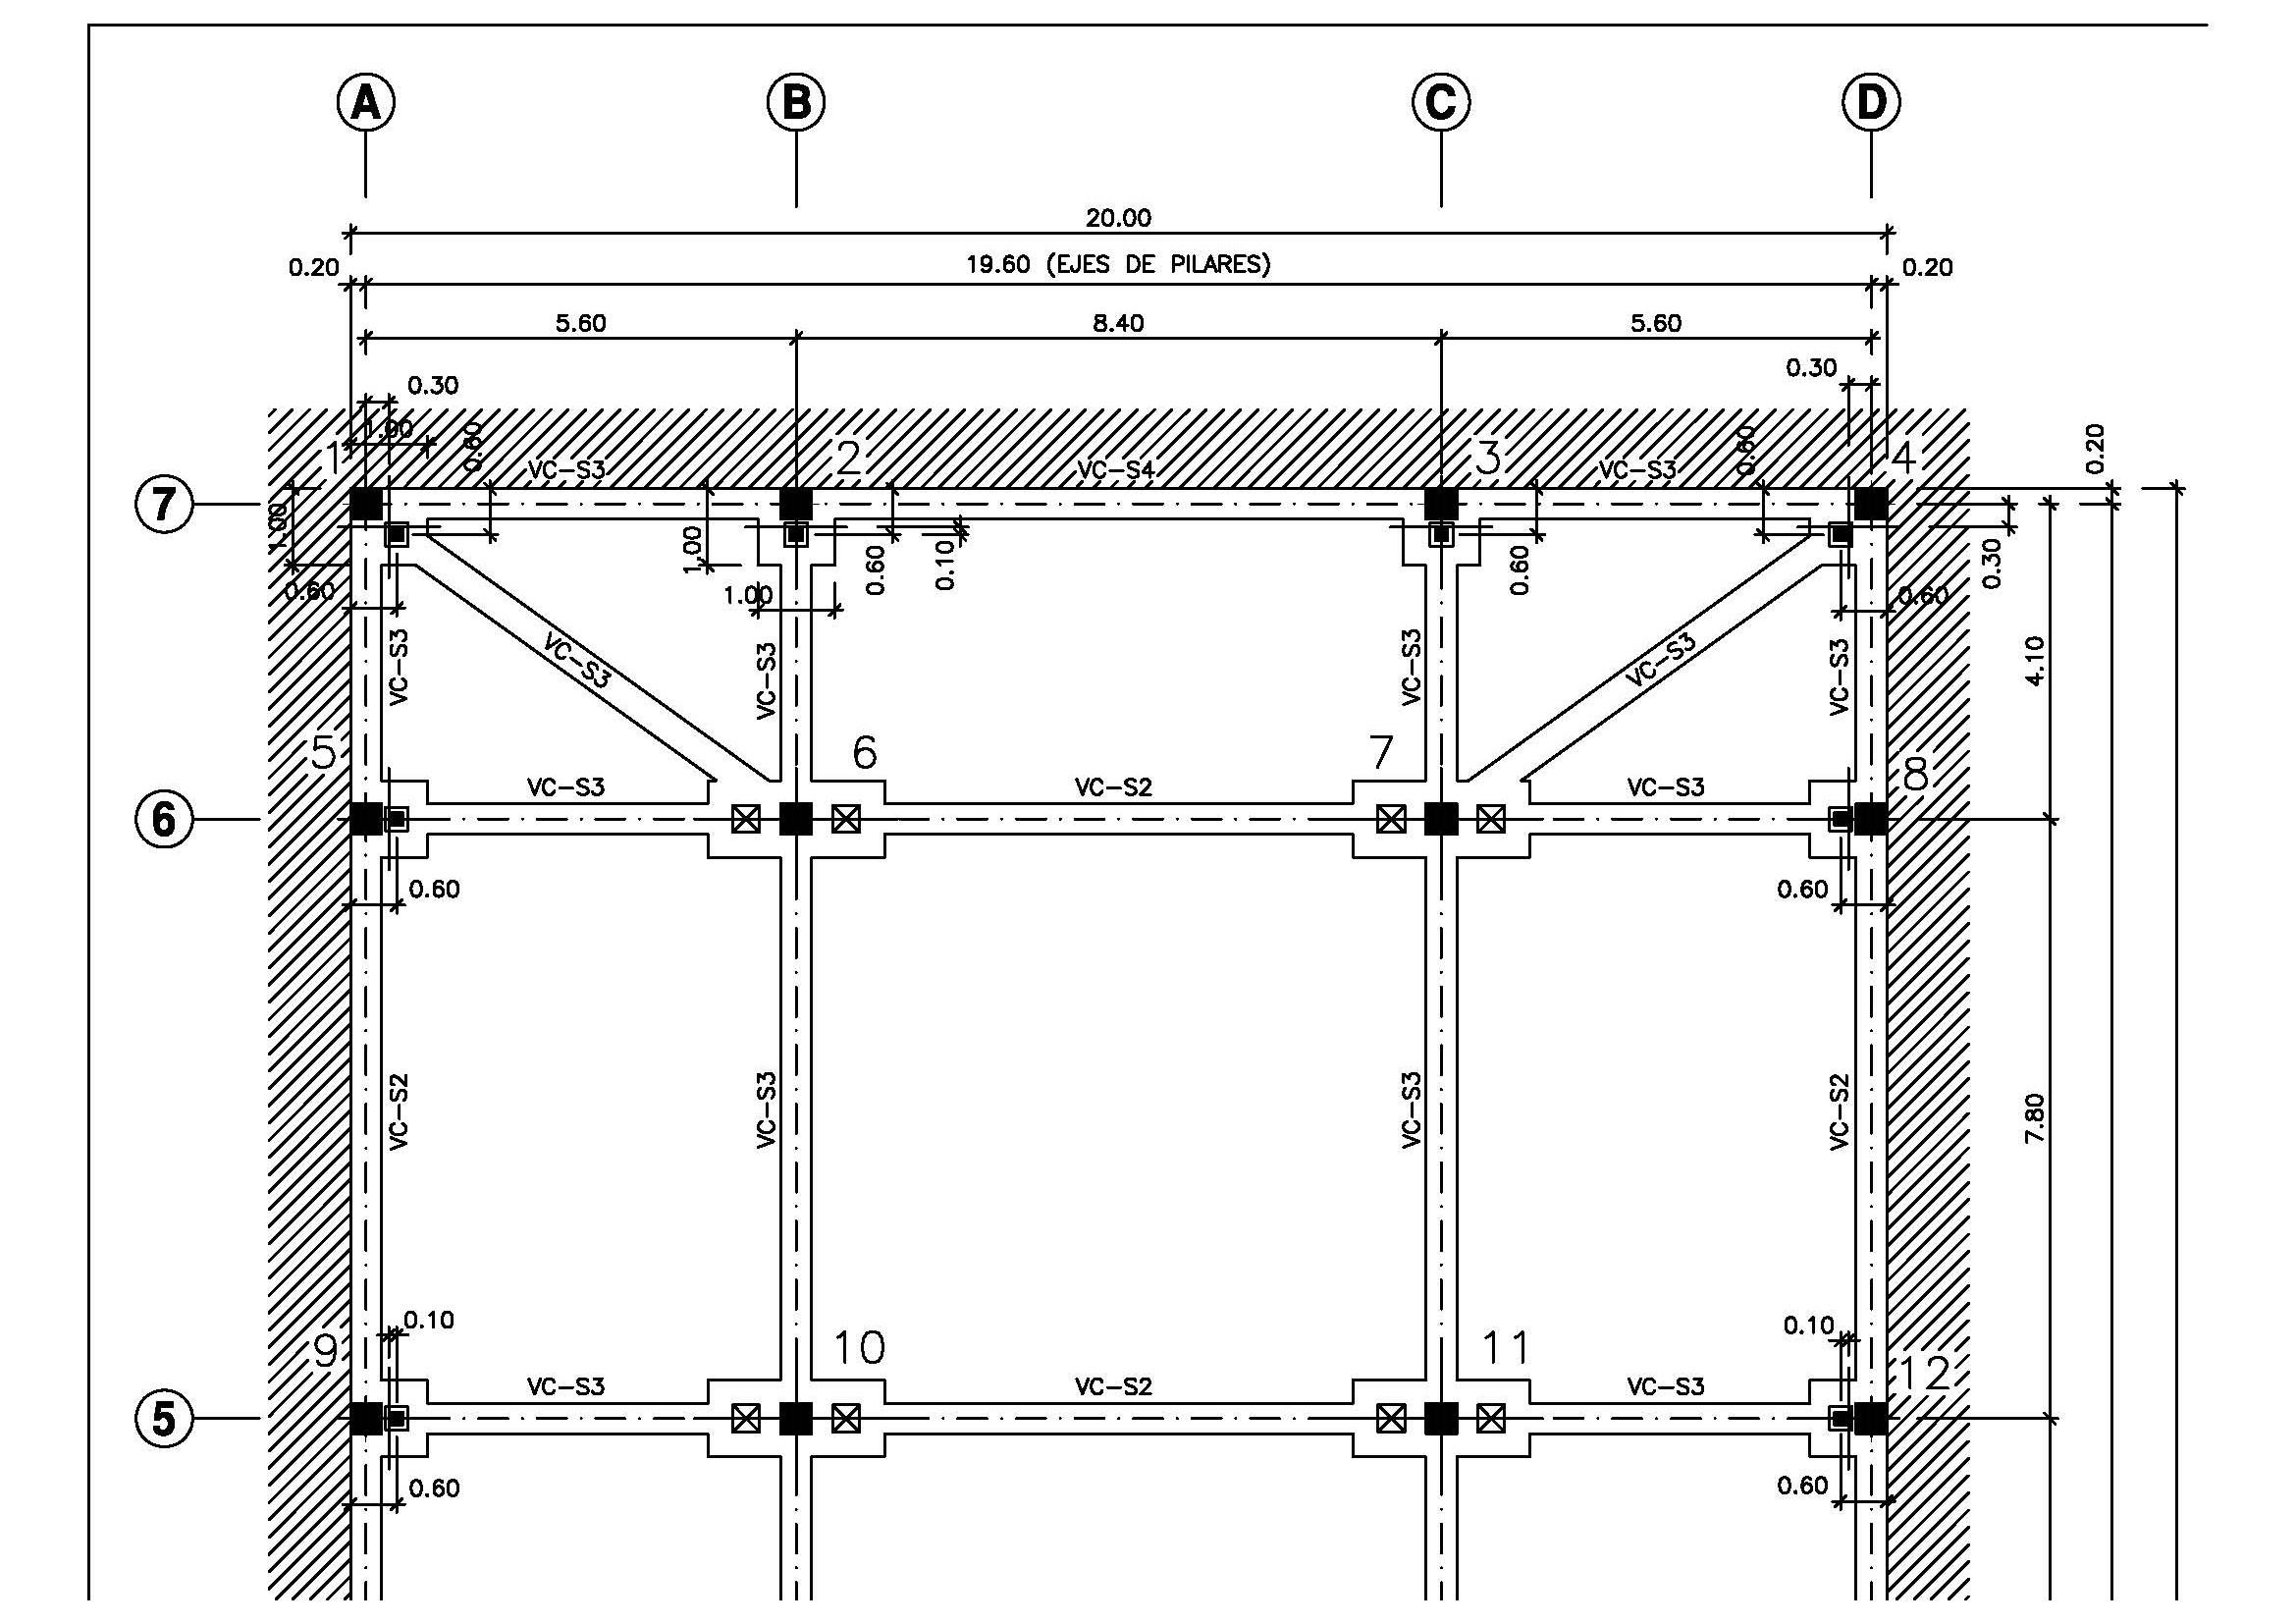 plano cimentacion por pilotes prefabricados y encepados in situ